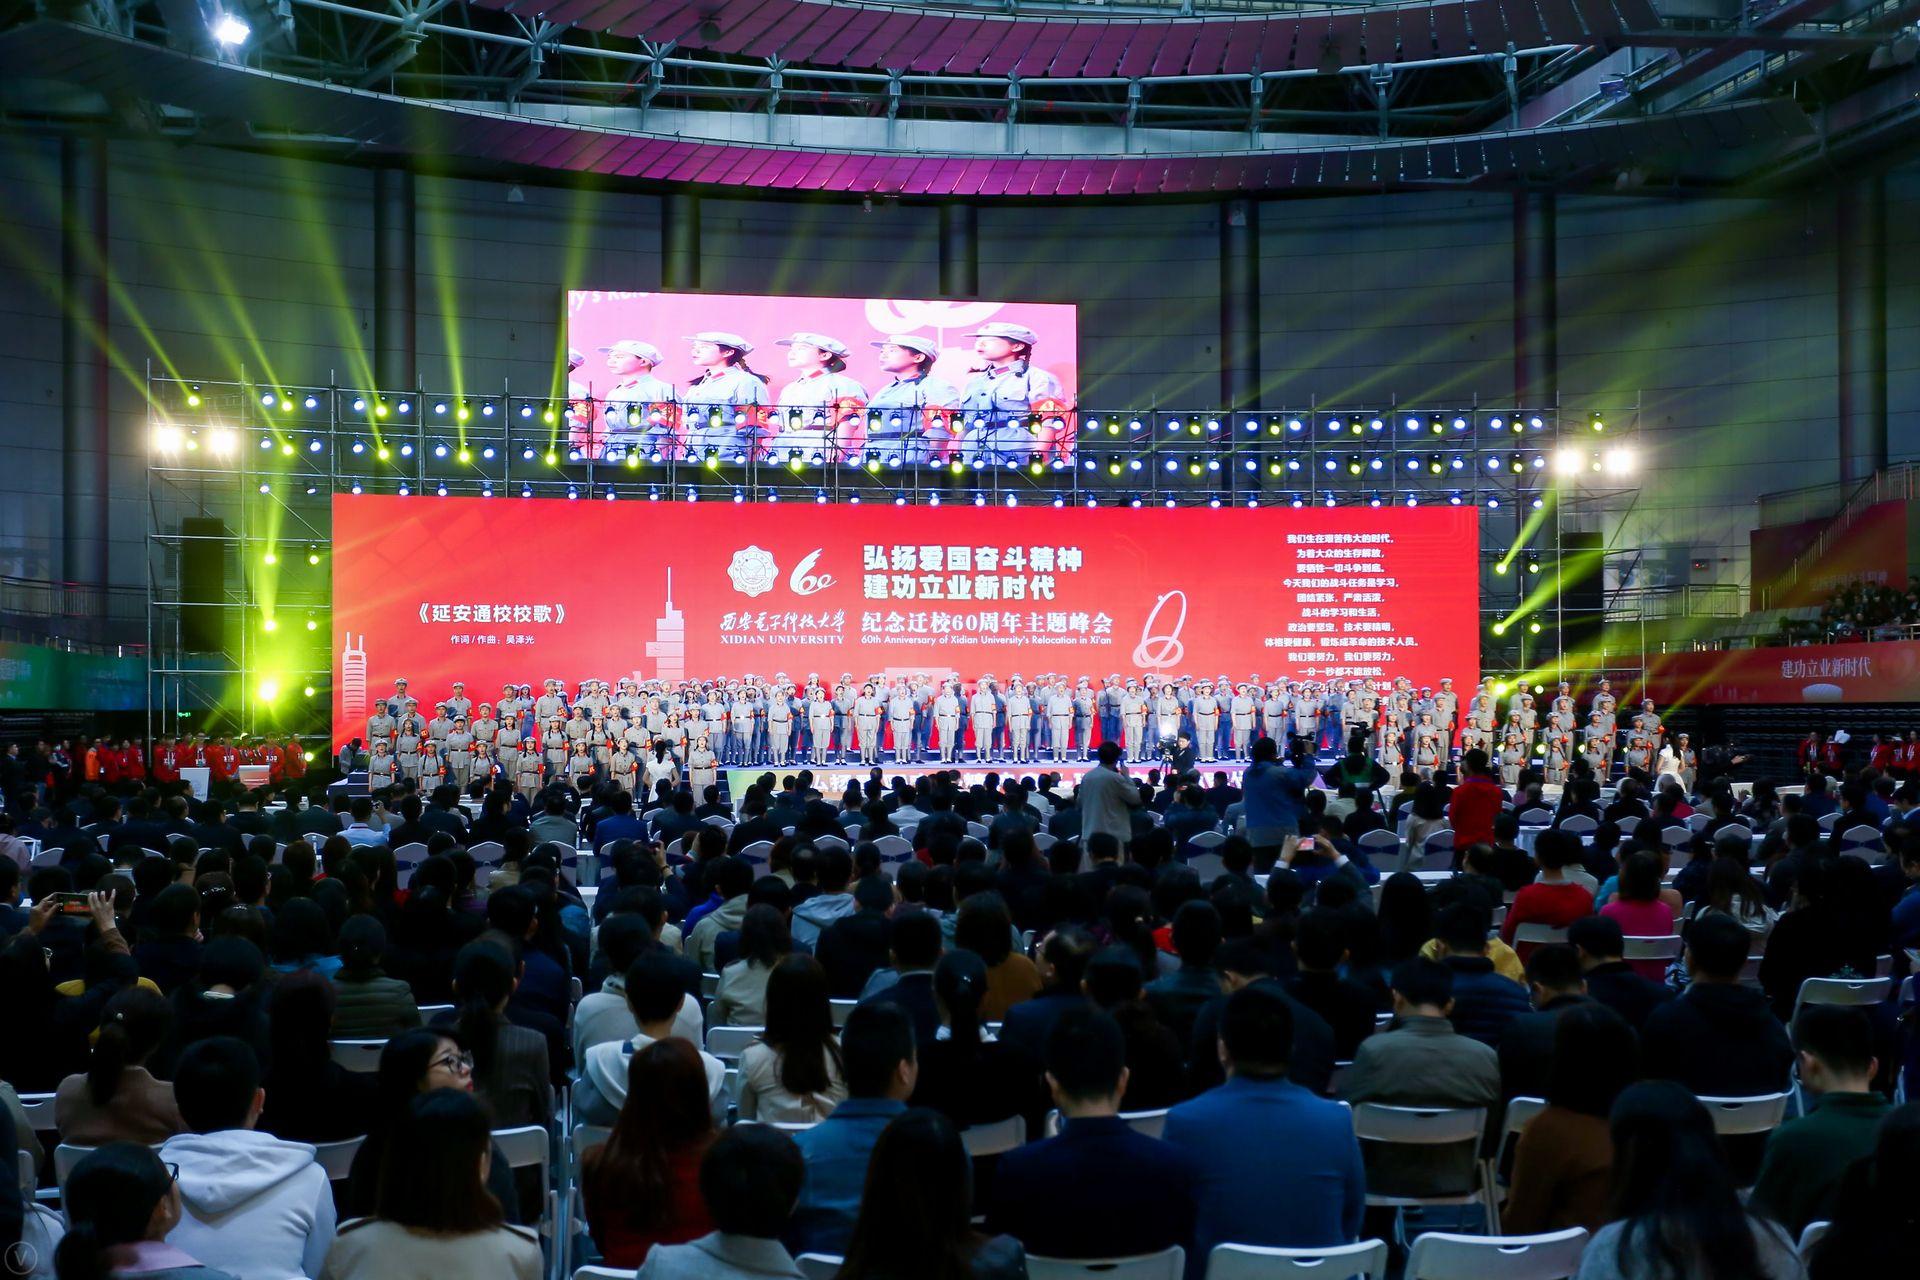 西安电子科技大学举行纪念迁校60周年主题峰会